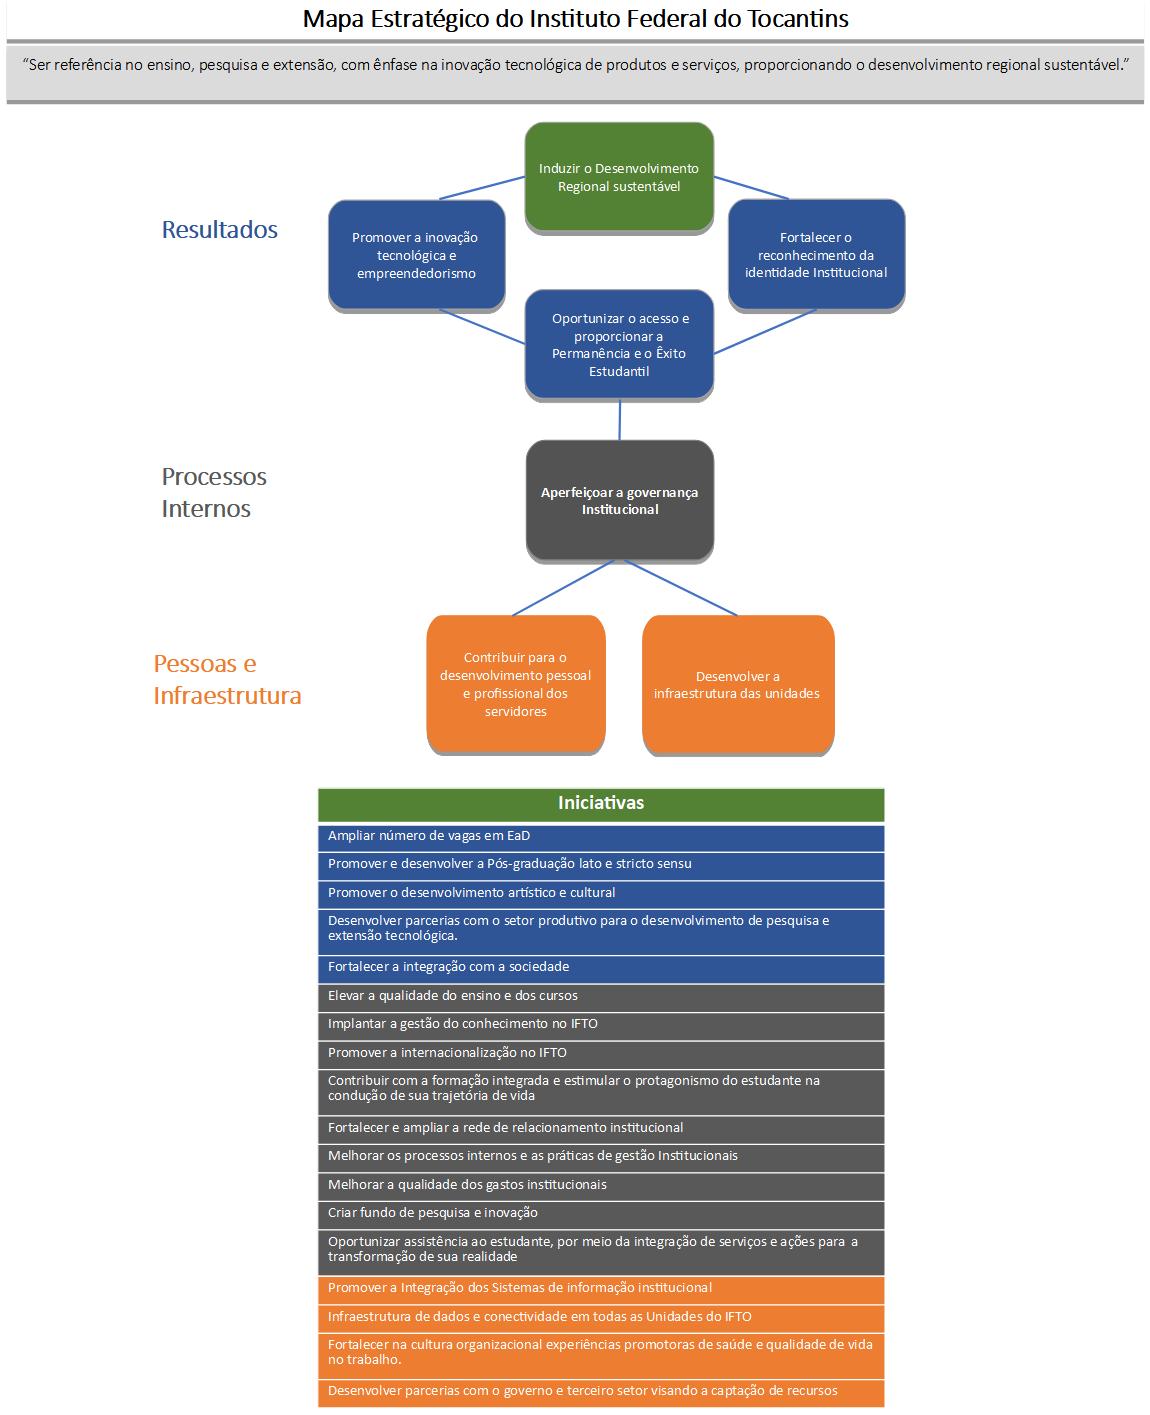 O Mapa Estratégico do IFTO